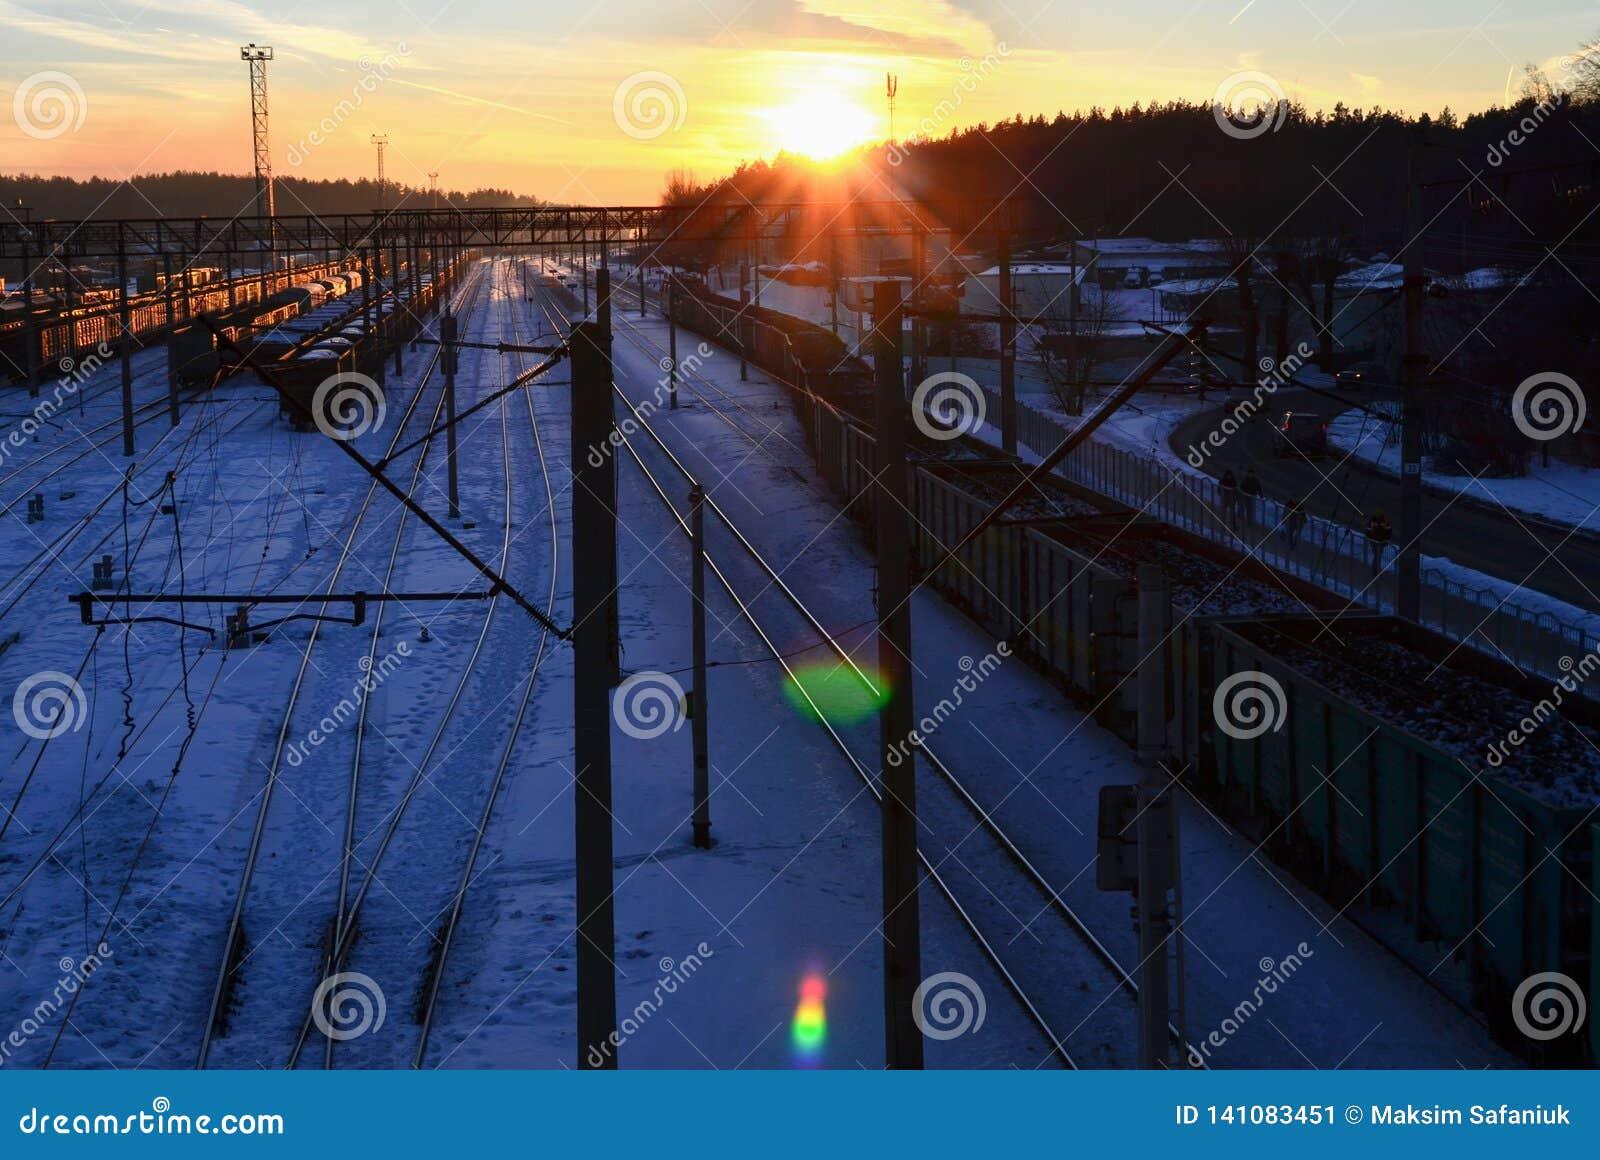 Odgórny widok kolejowa zajezdnia z frachtowymi samochodami